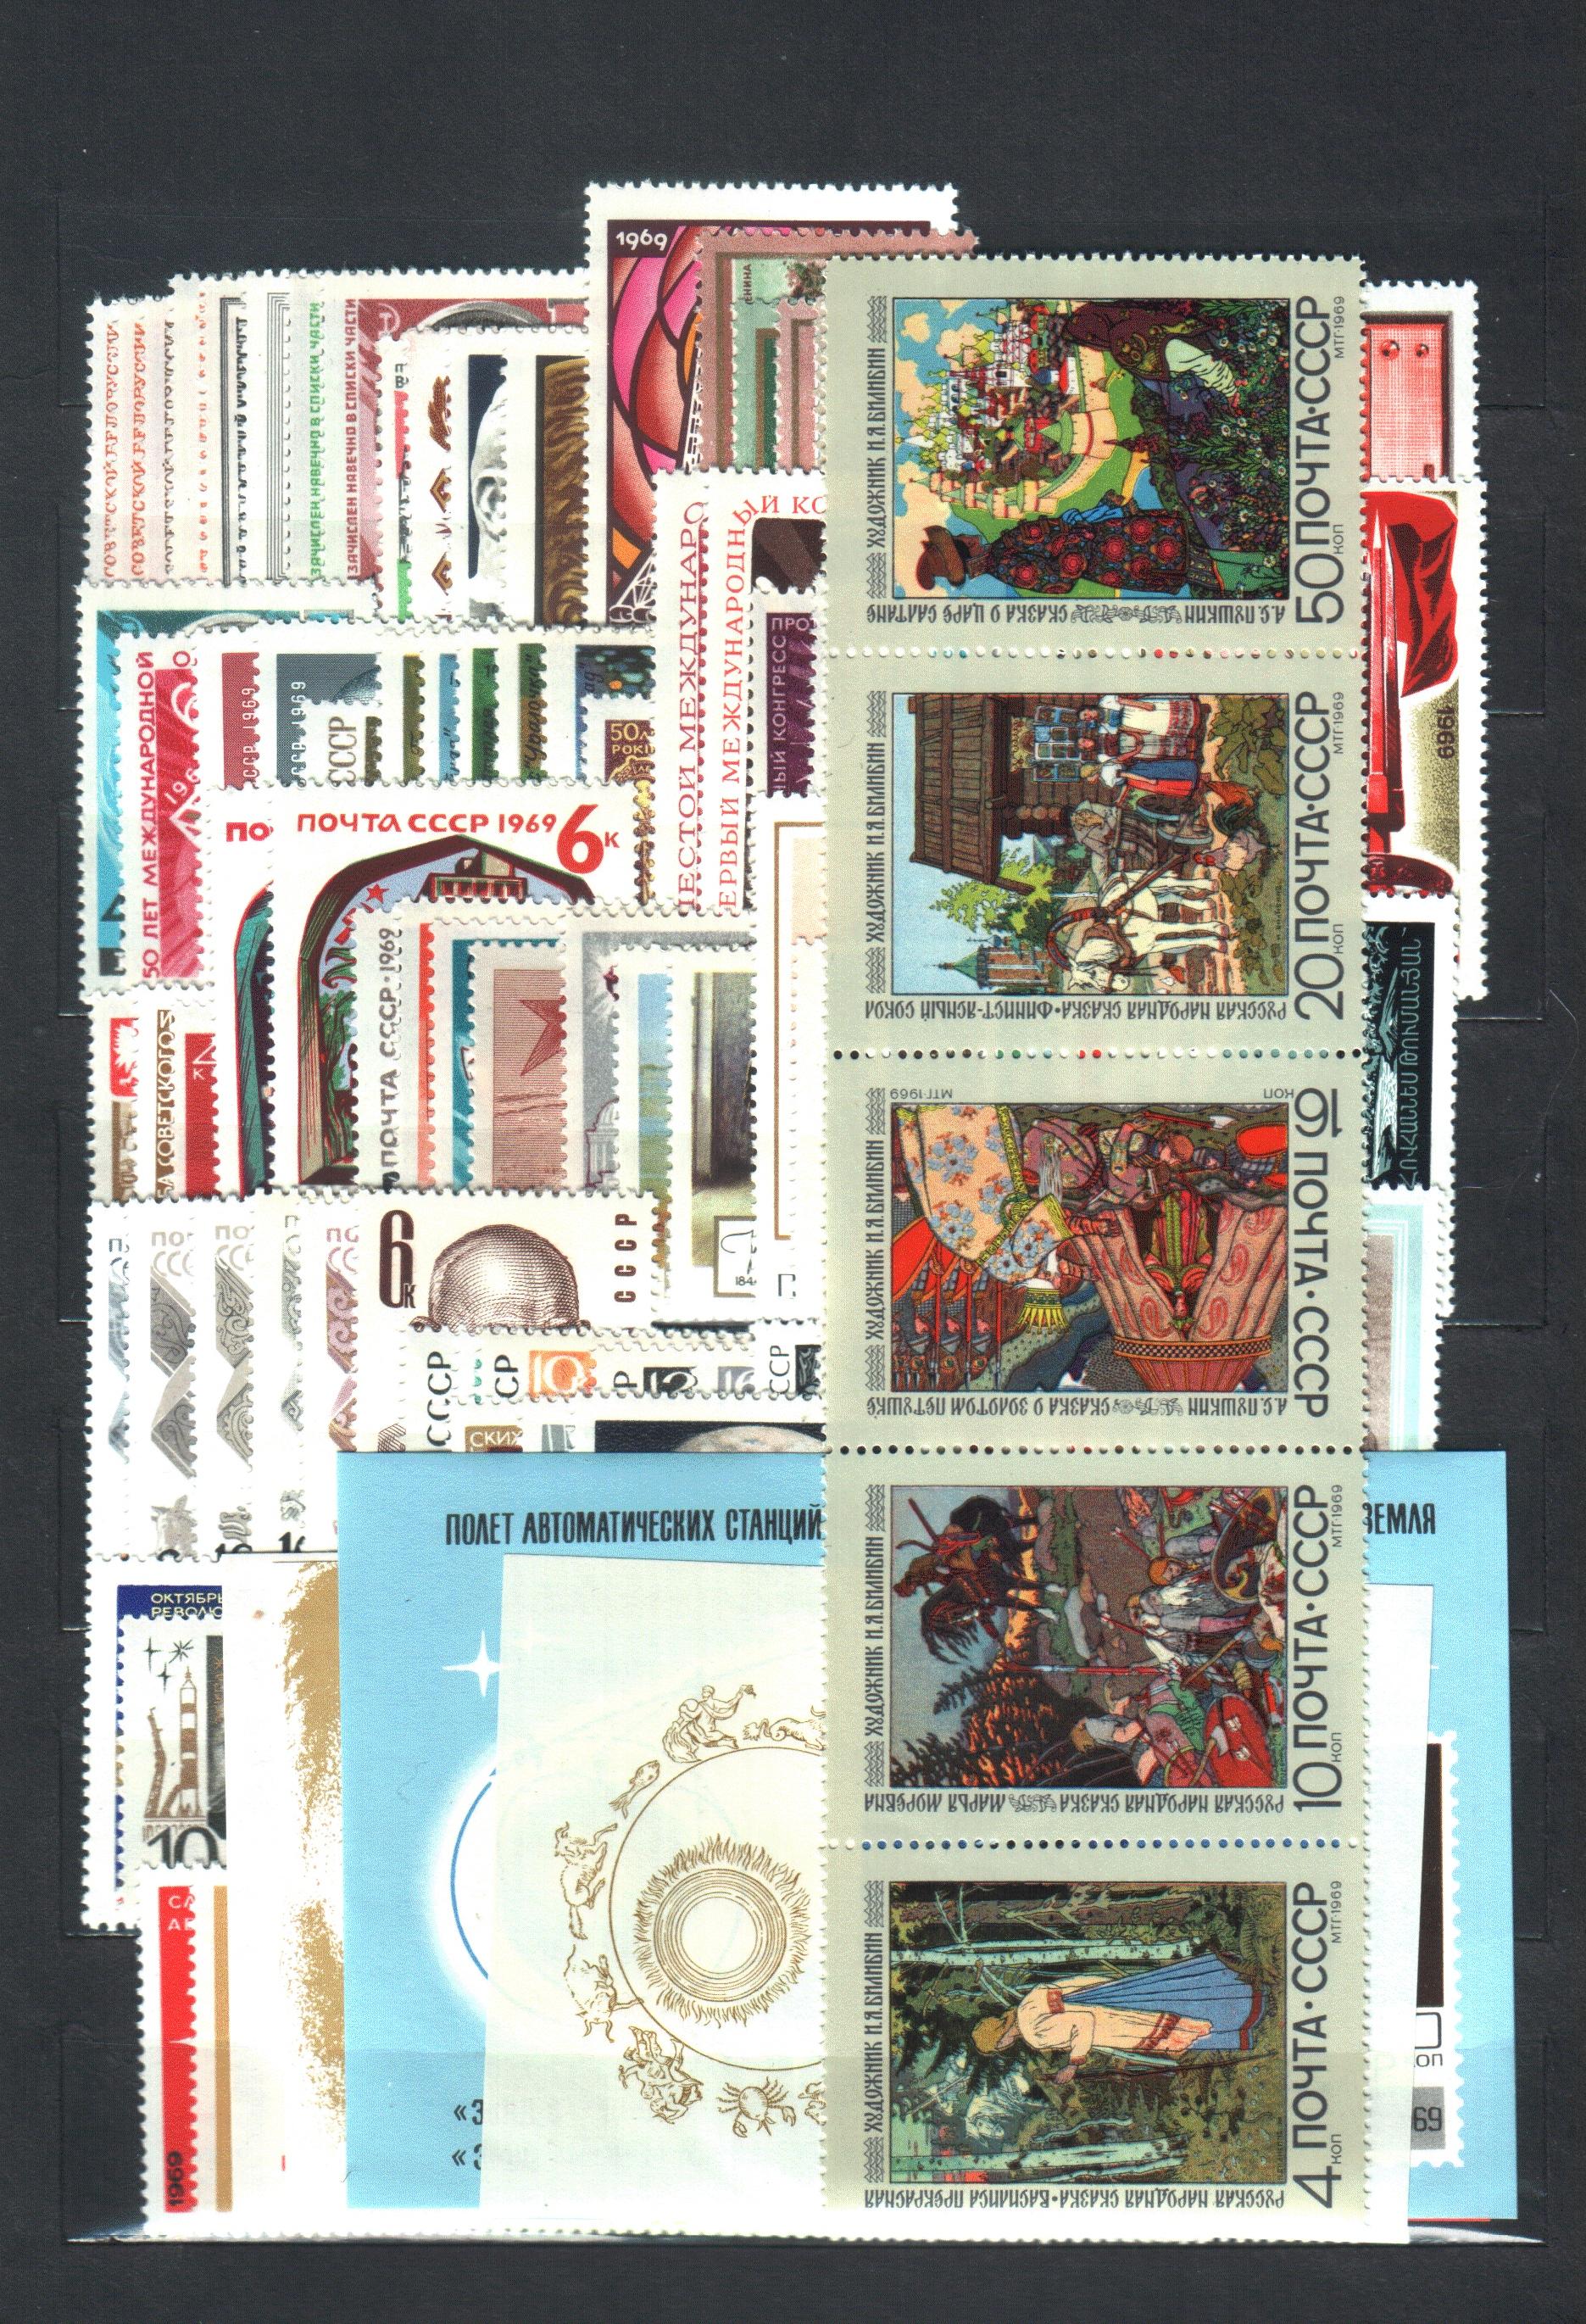 Годовой набор почтовых марок СССР 1969 год, 115 почтовых марки, 7 почтовых блоков